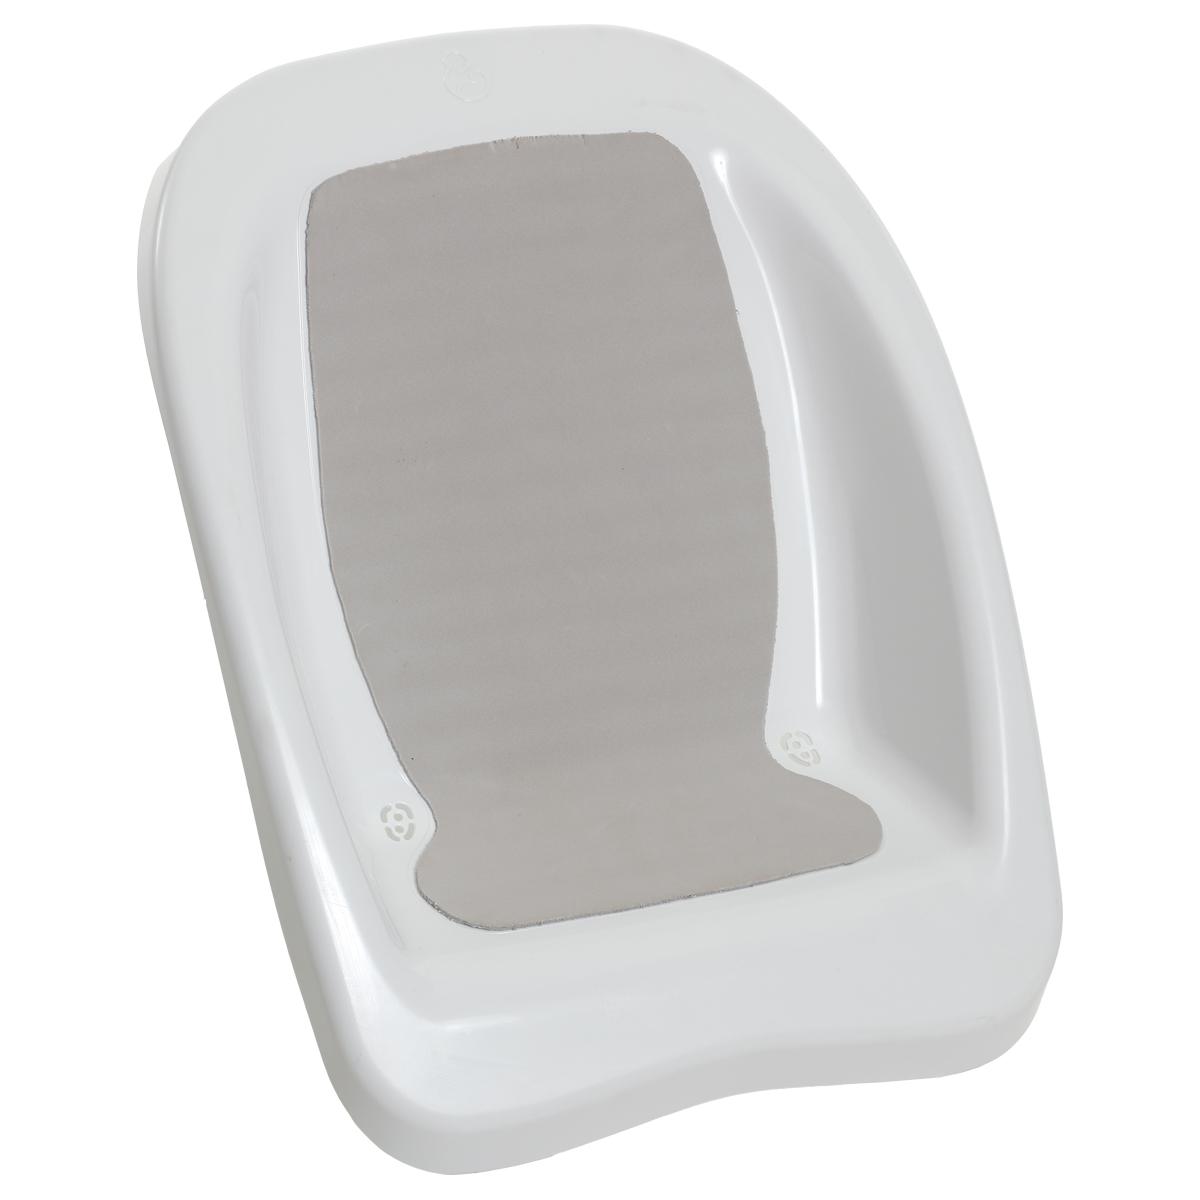 Redutor De Assento Para Banheira Bebê Galzerano Branco 9012BC